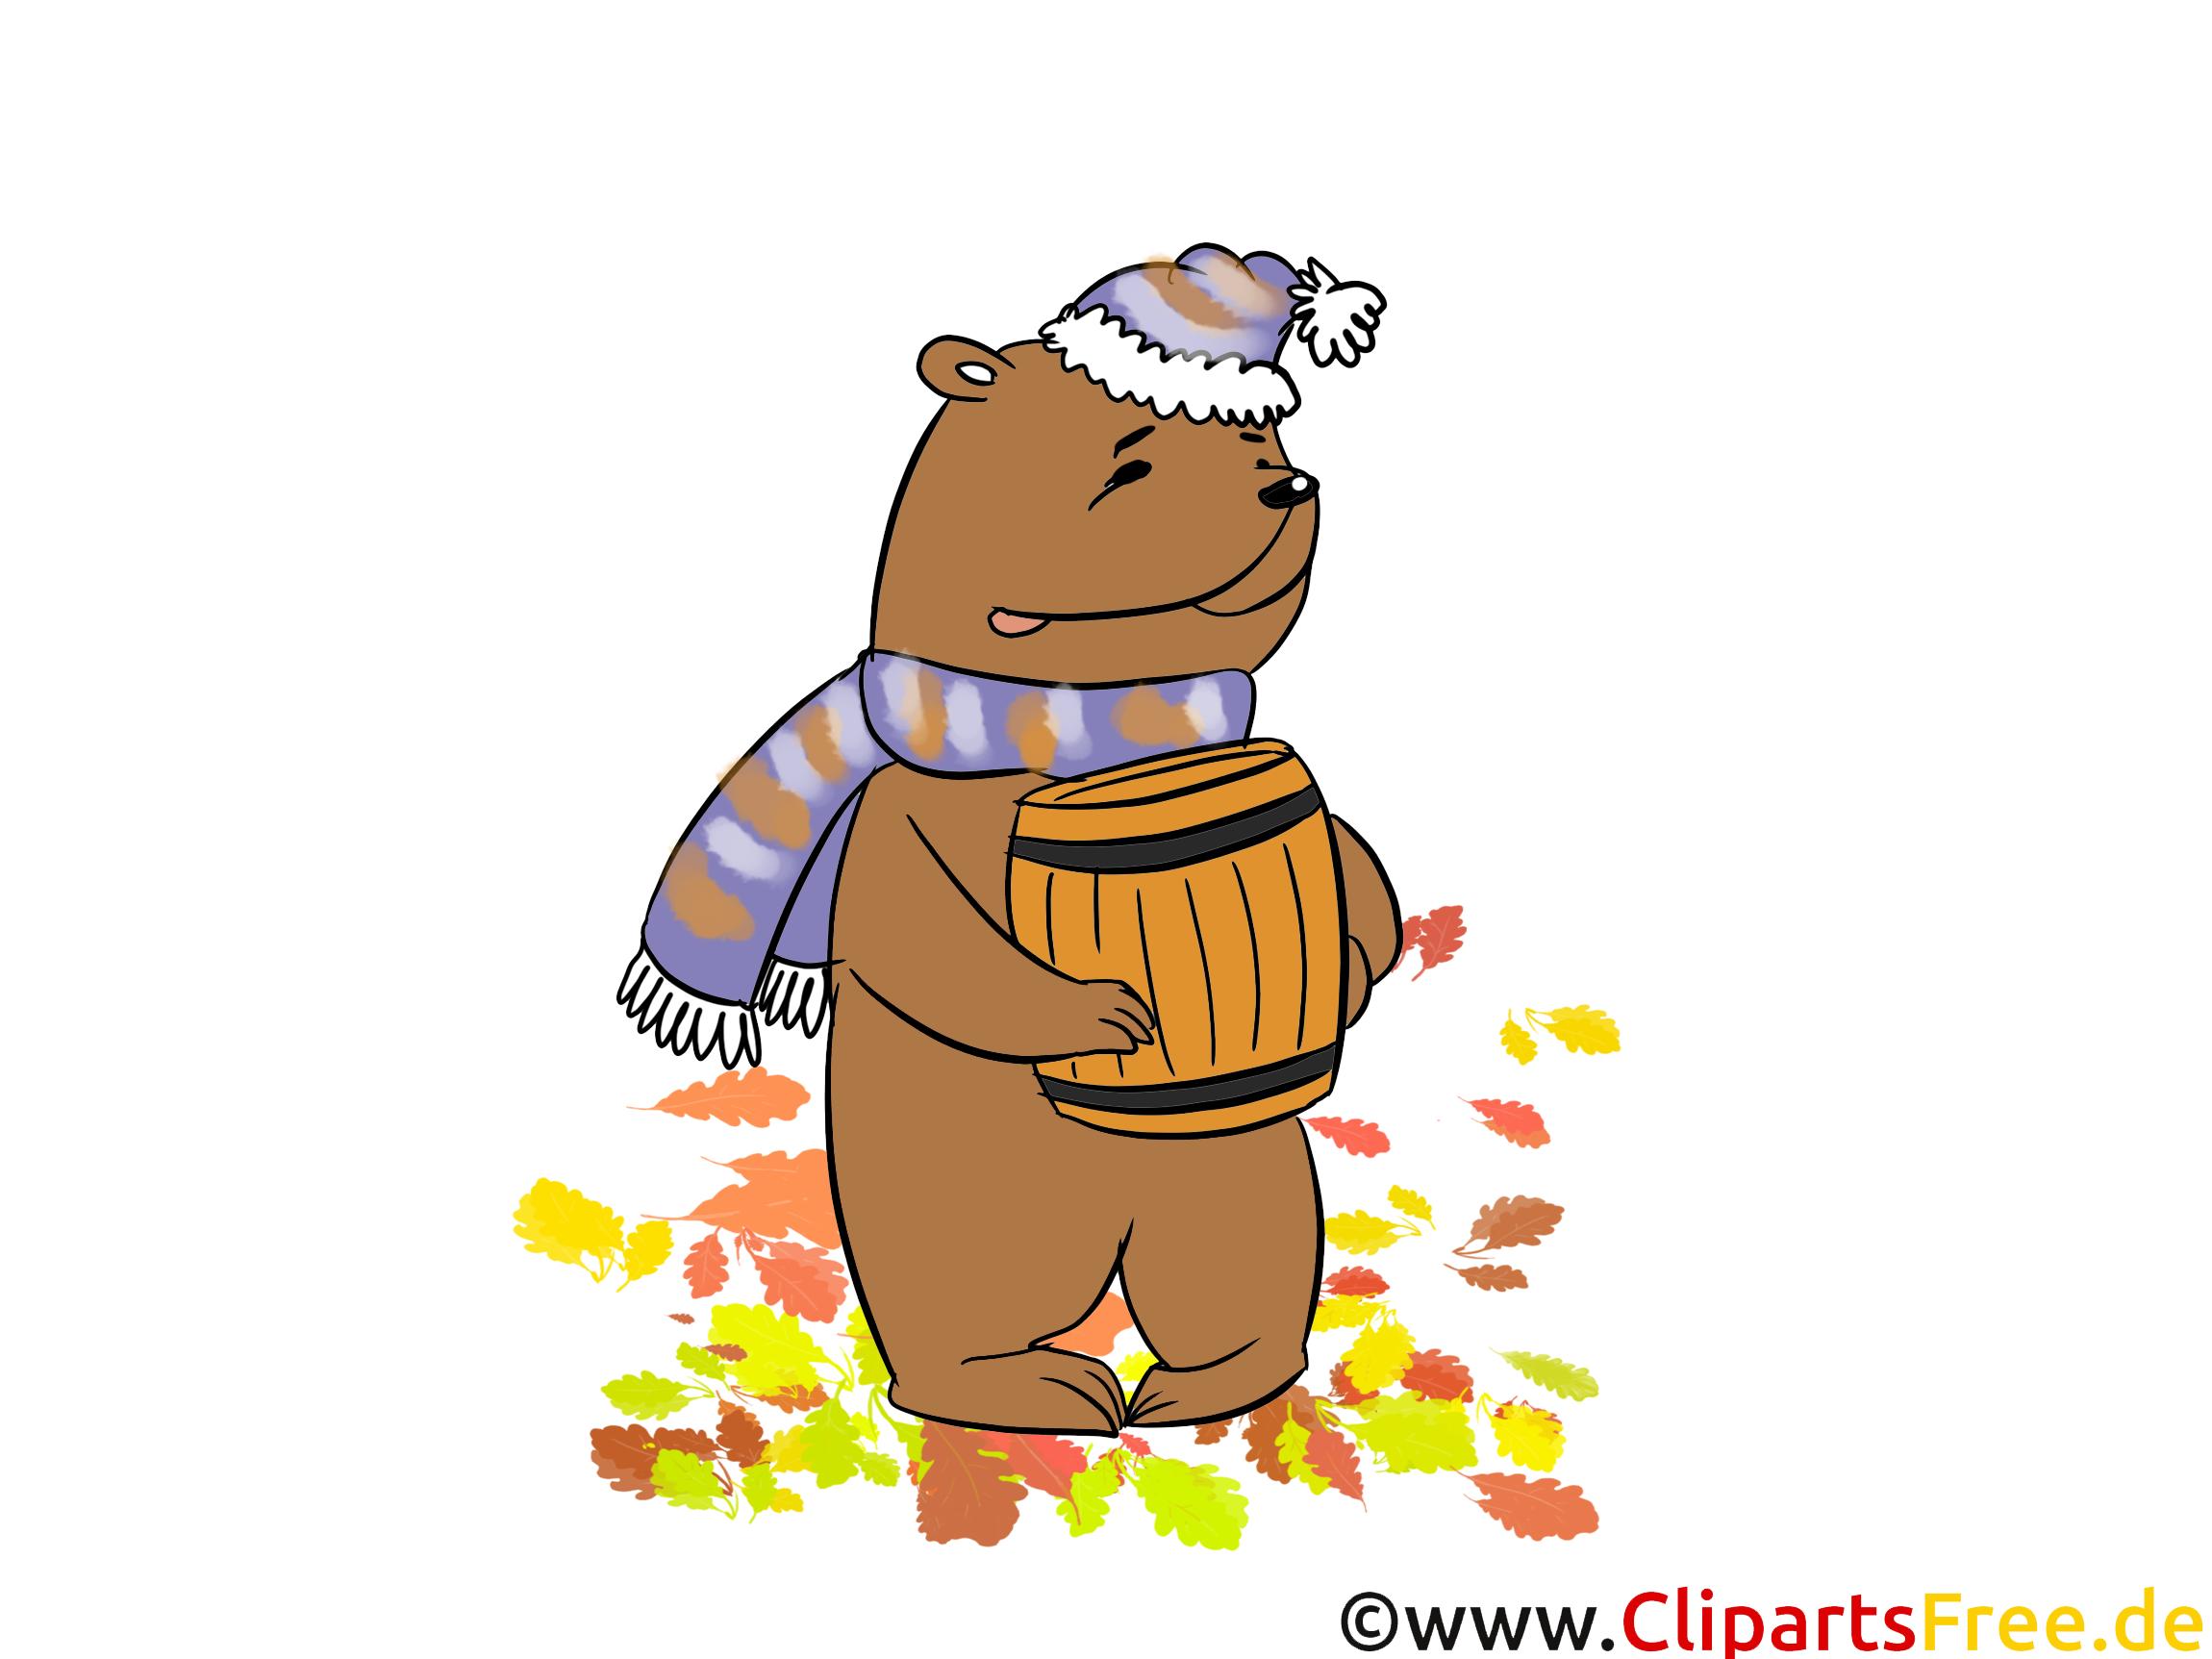 Hochauflösende Bilder kostenlos - Bär mit Honig